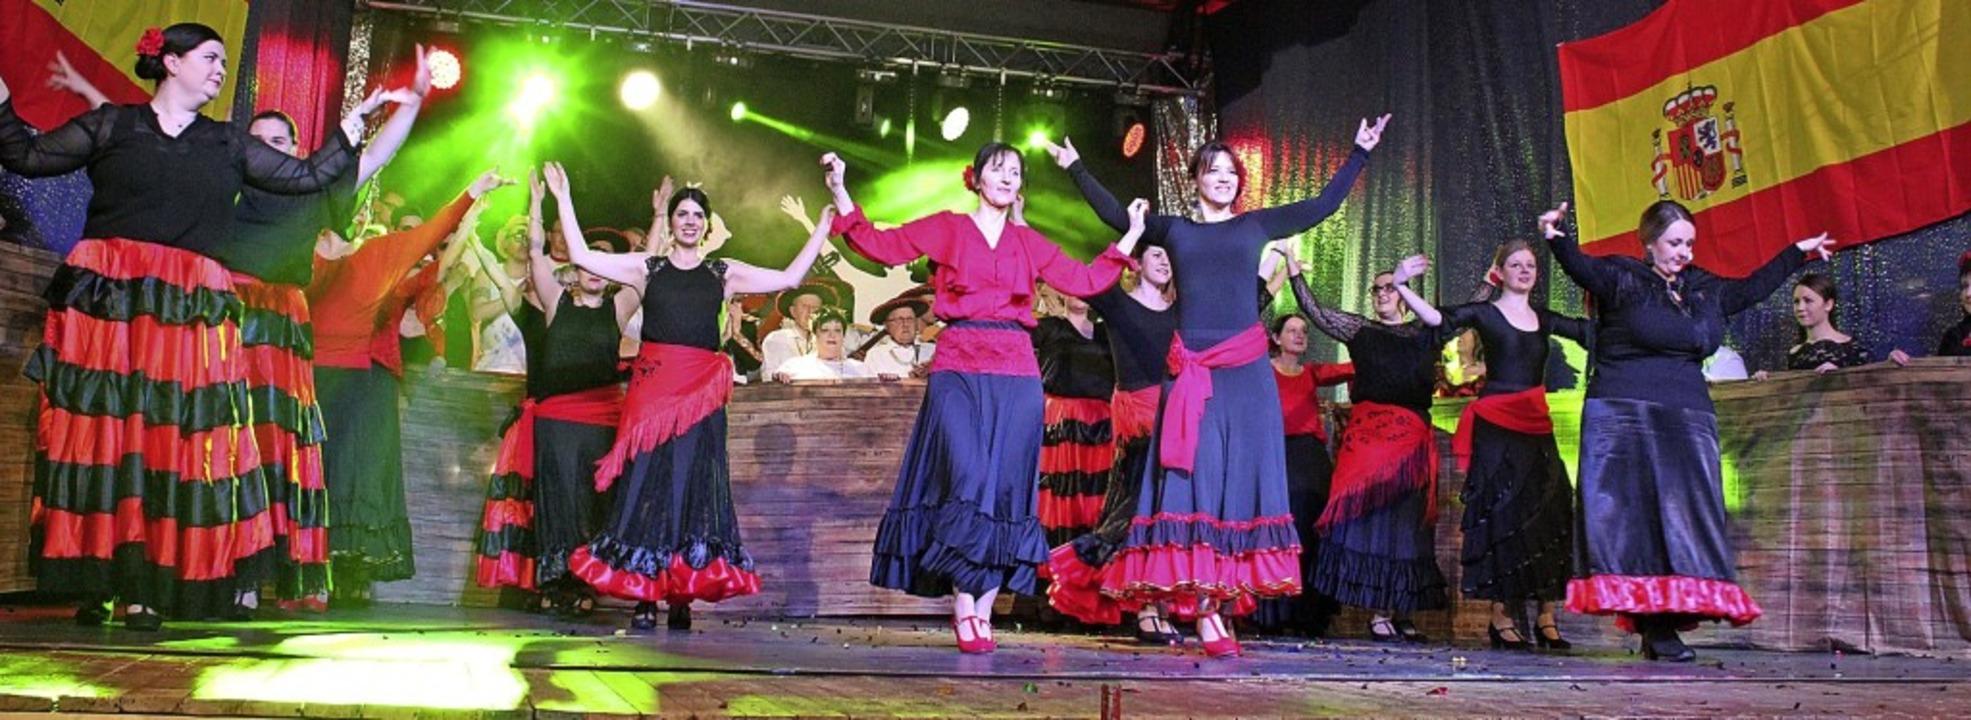 Farbenfrohe Folklore beim Schlussauftr...zum spanischen Motto der bunten Abende  | Foto: Otmar Faller